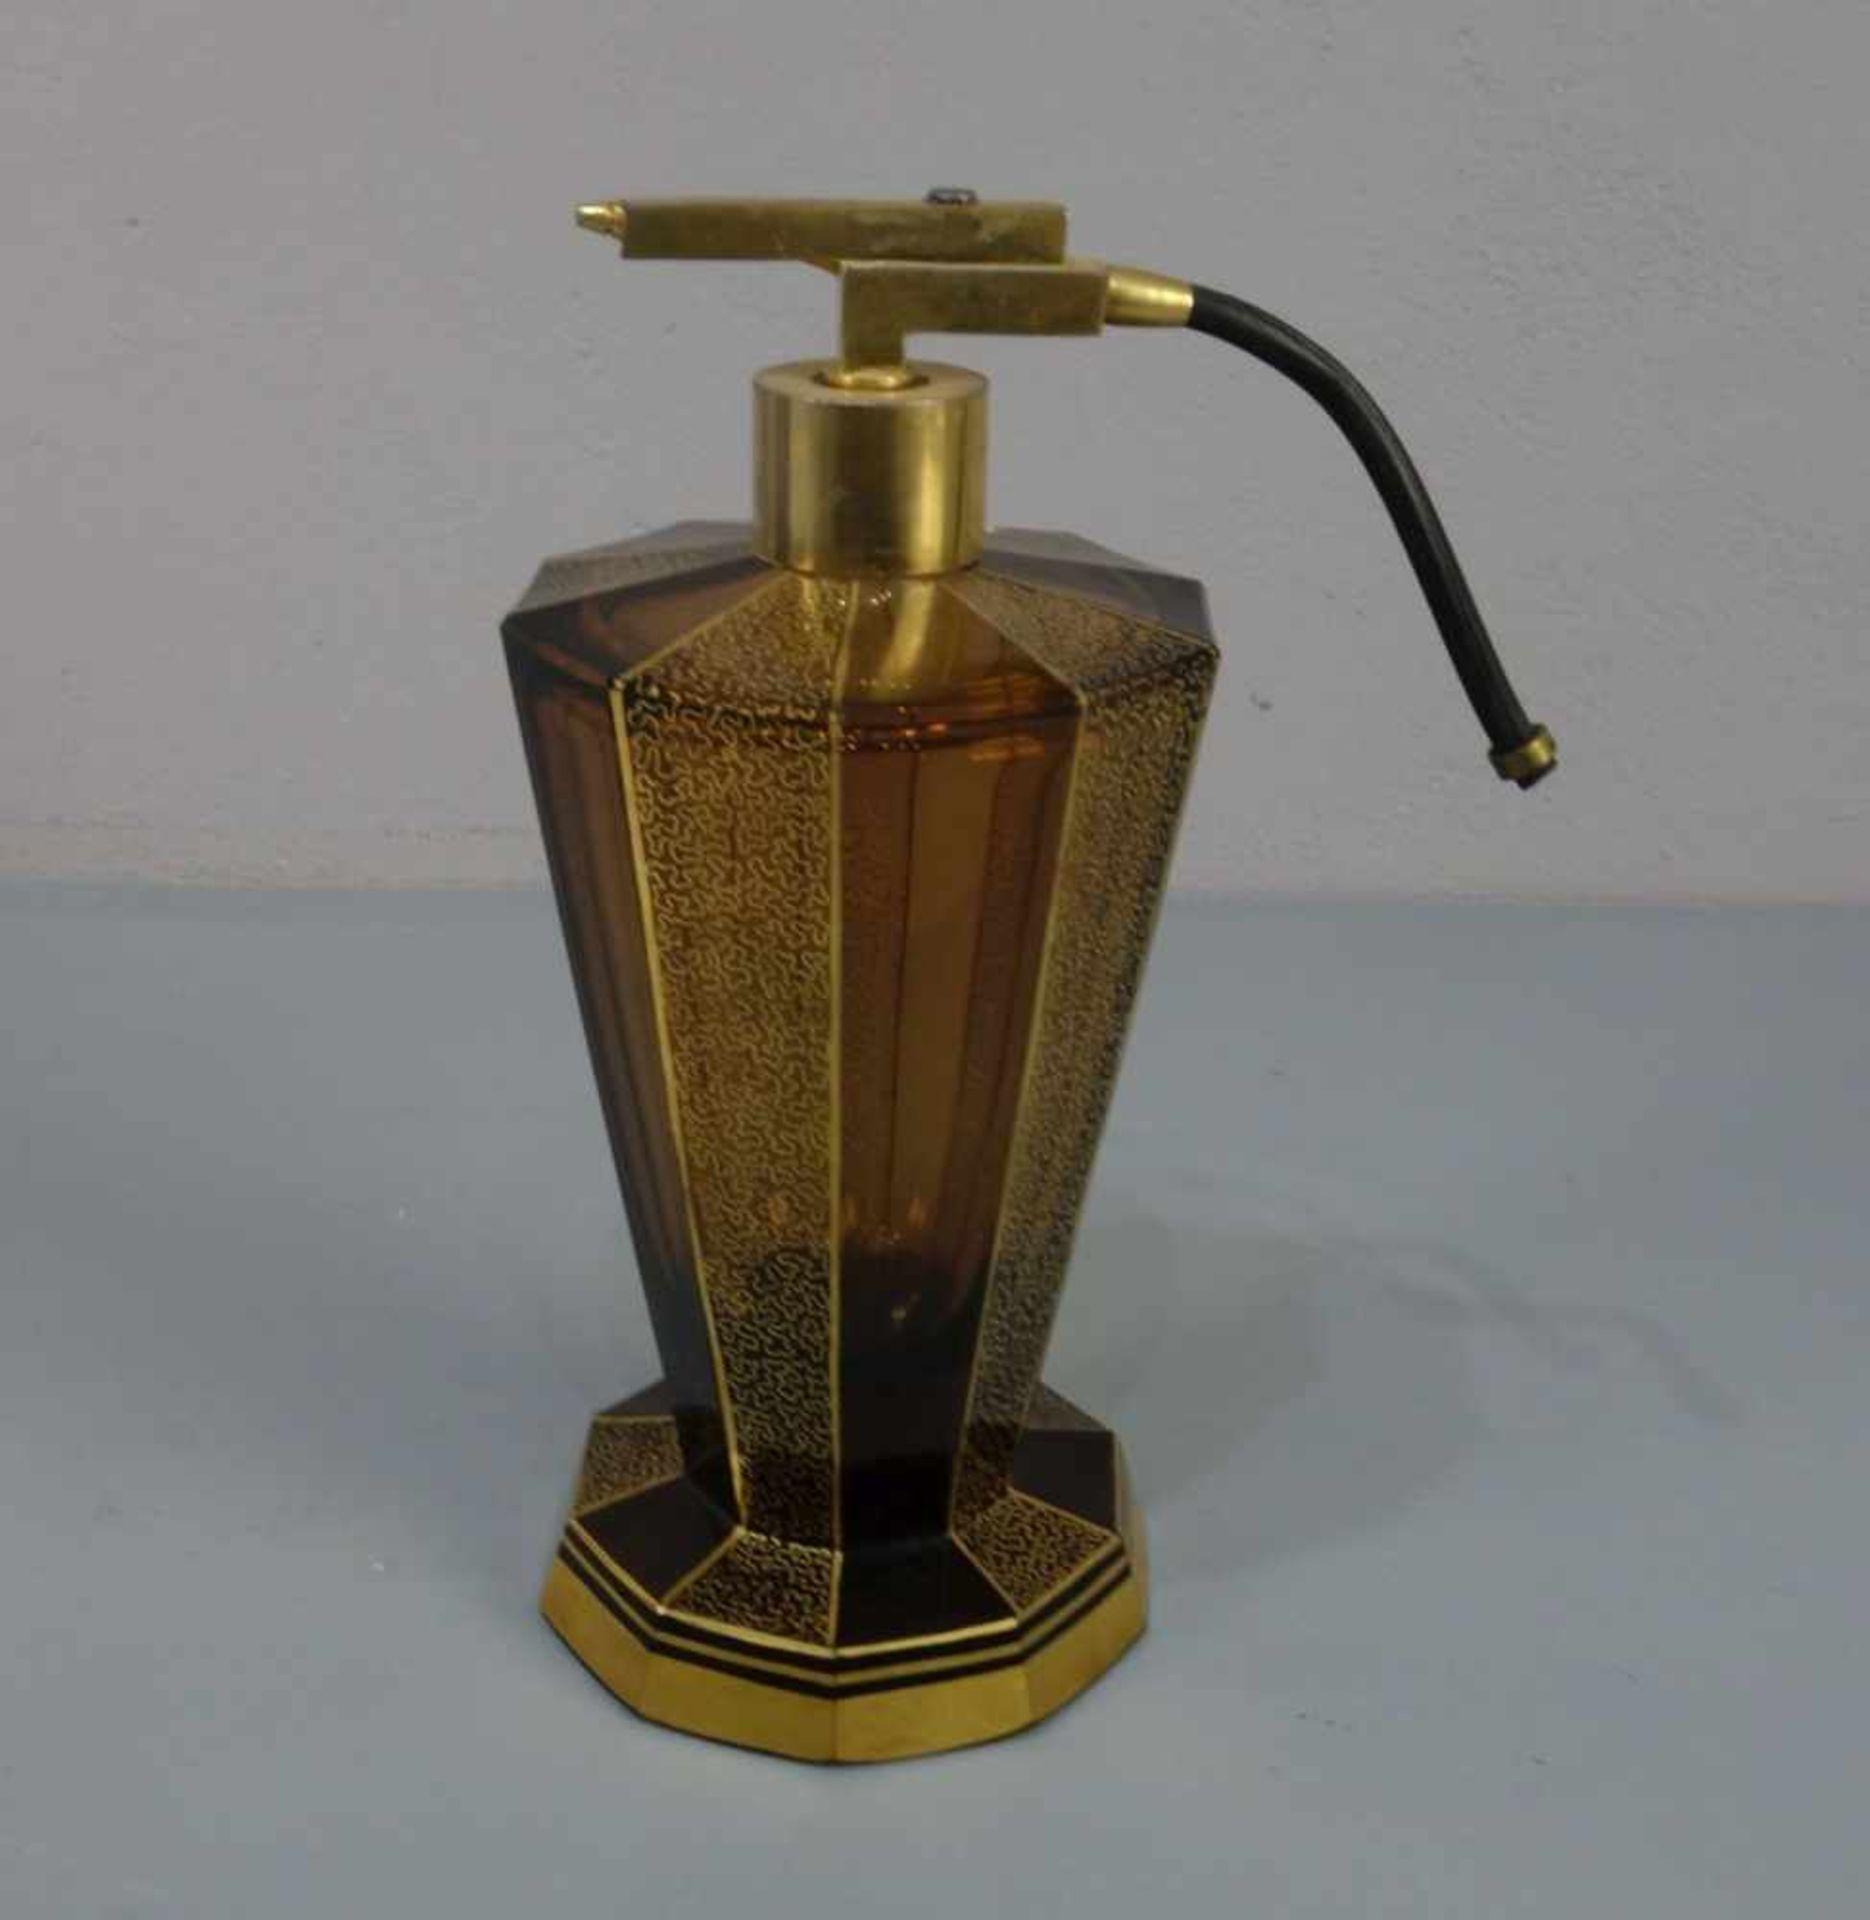 ART DÉCO - FLAKON mit Zerstäuber / flacon, bernsteinfarbenes Glas, wohl Haida, Böhmen, 1930er Jahre. - Bild 3 aus 4